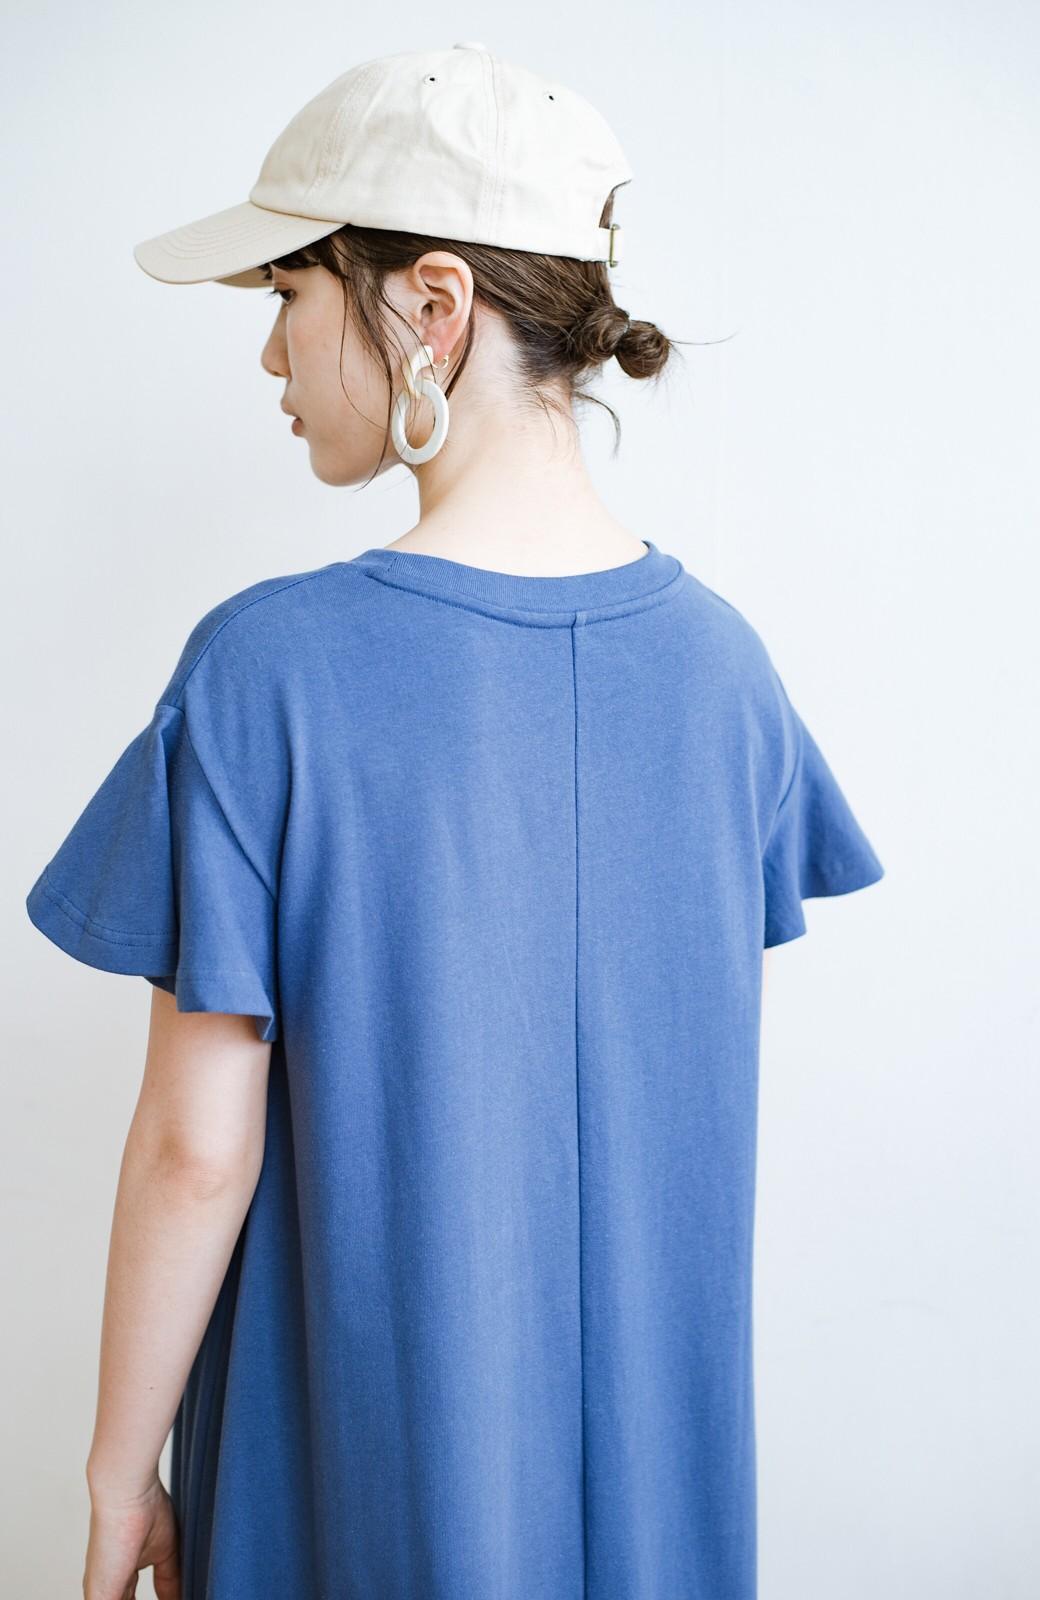 haco! 1枚で完璧シルエット!ひらりと揺れる袖がかわいい楽ちんカットソーワンピース <ブルー>の商品写真4